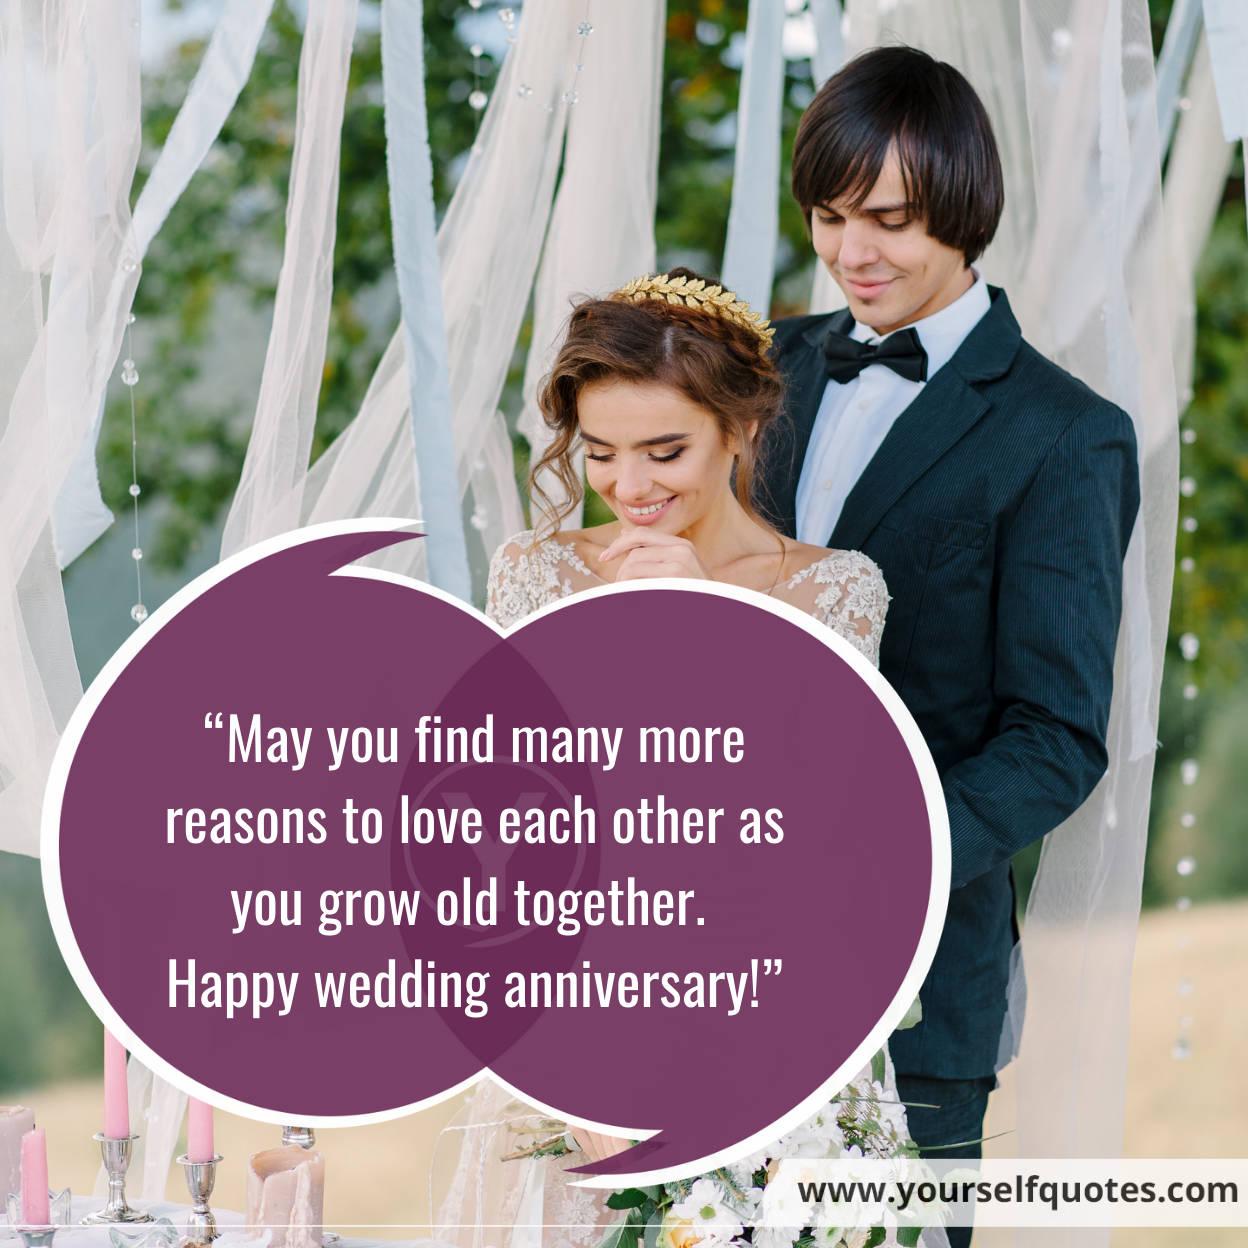 Ulang Tahun Pernikahan Wishes For Wife